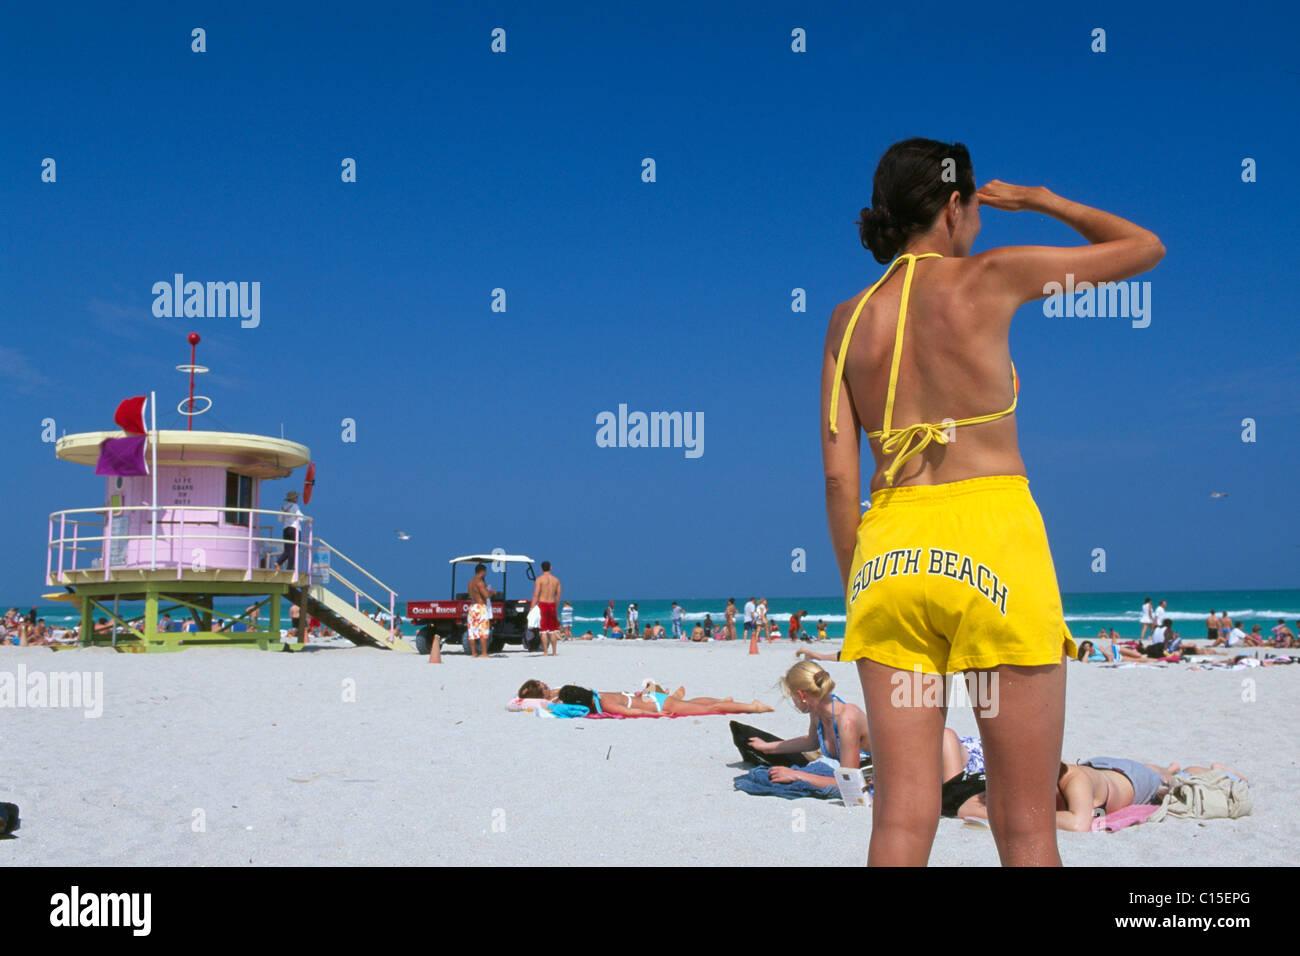 South Beach, Miami Beach, Miami, Florida, USA - Stock Image